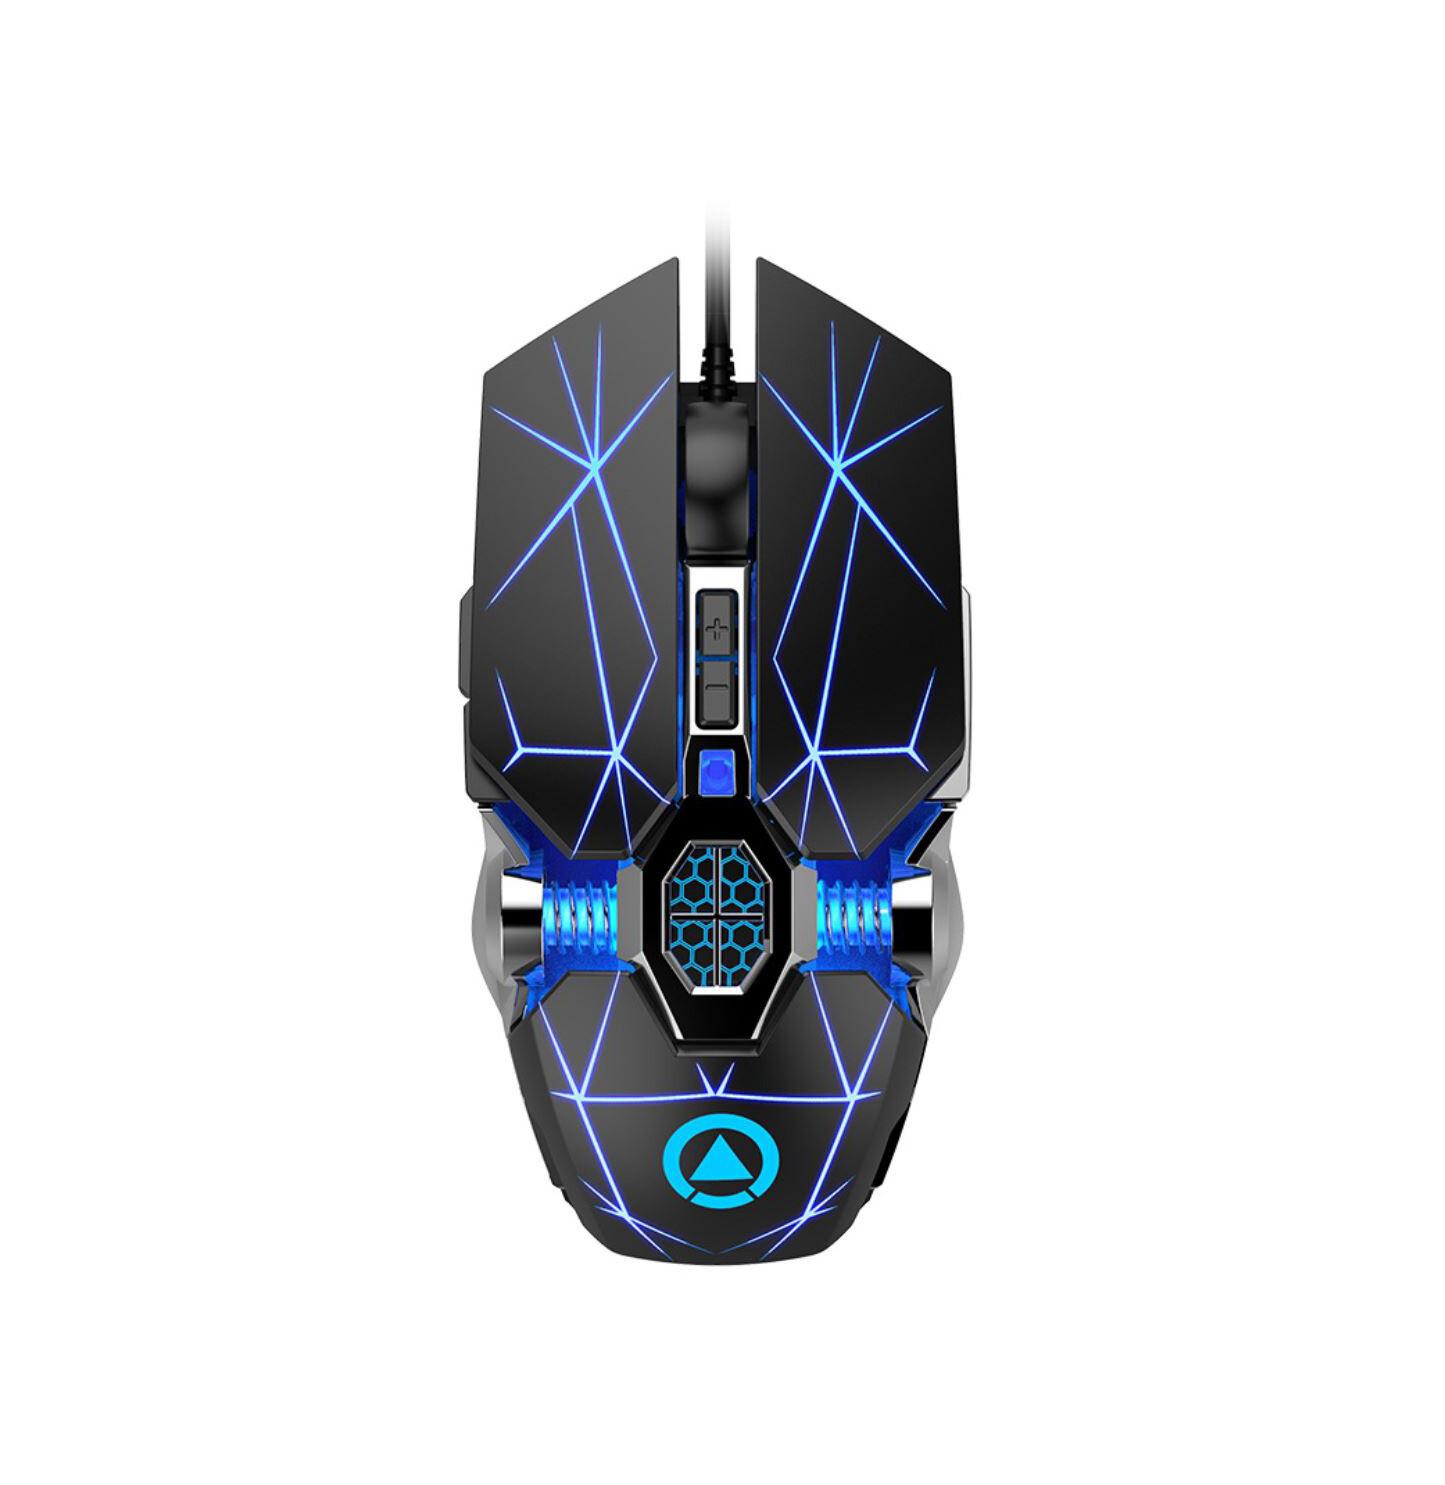 Игровая проводная мышь Kisame G3os с подсветкой